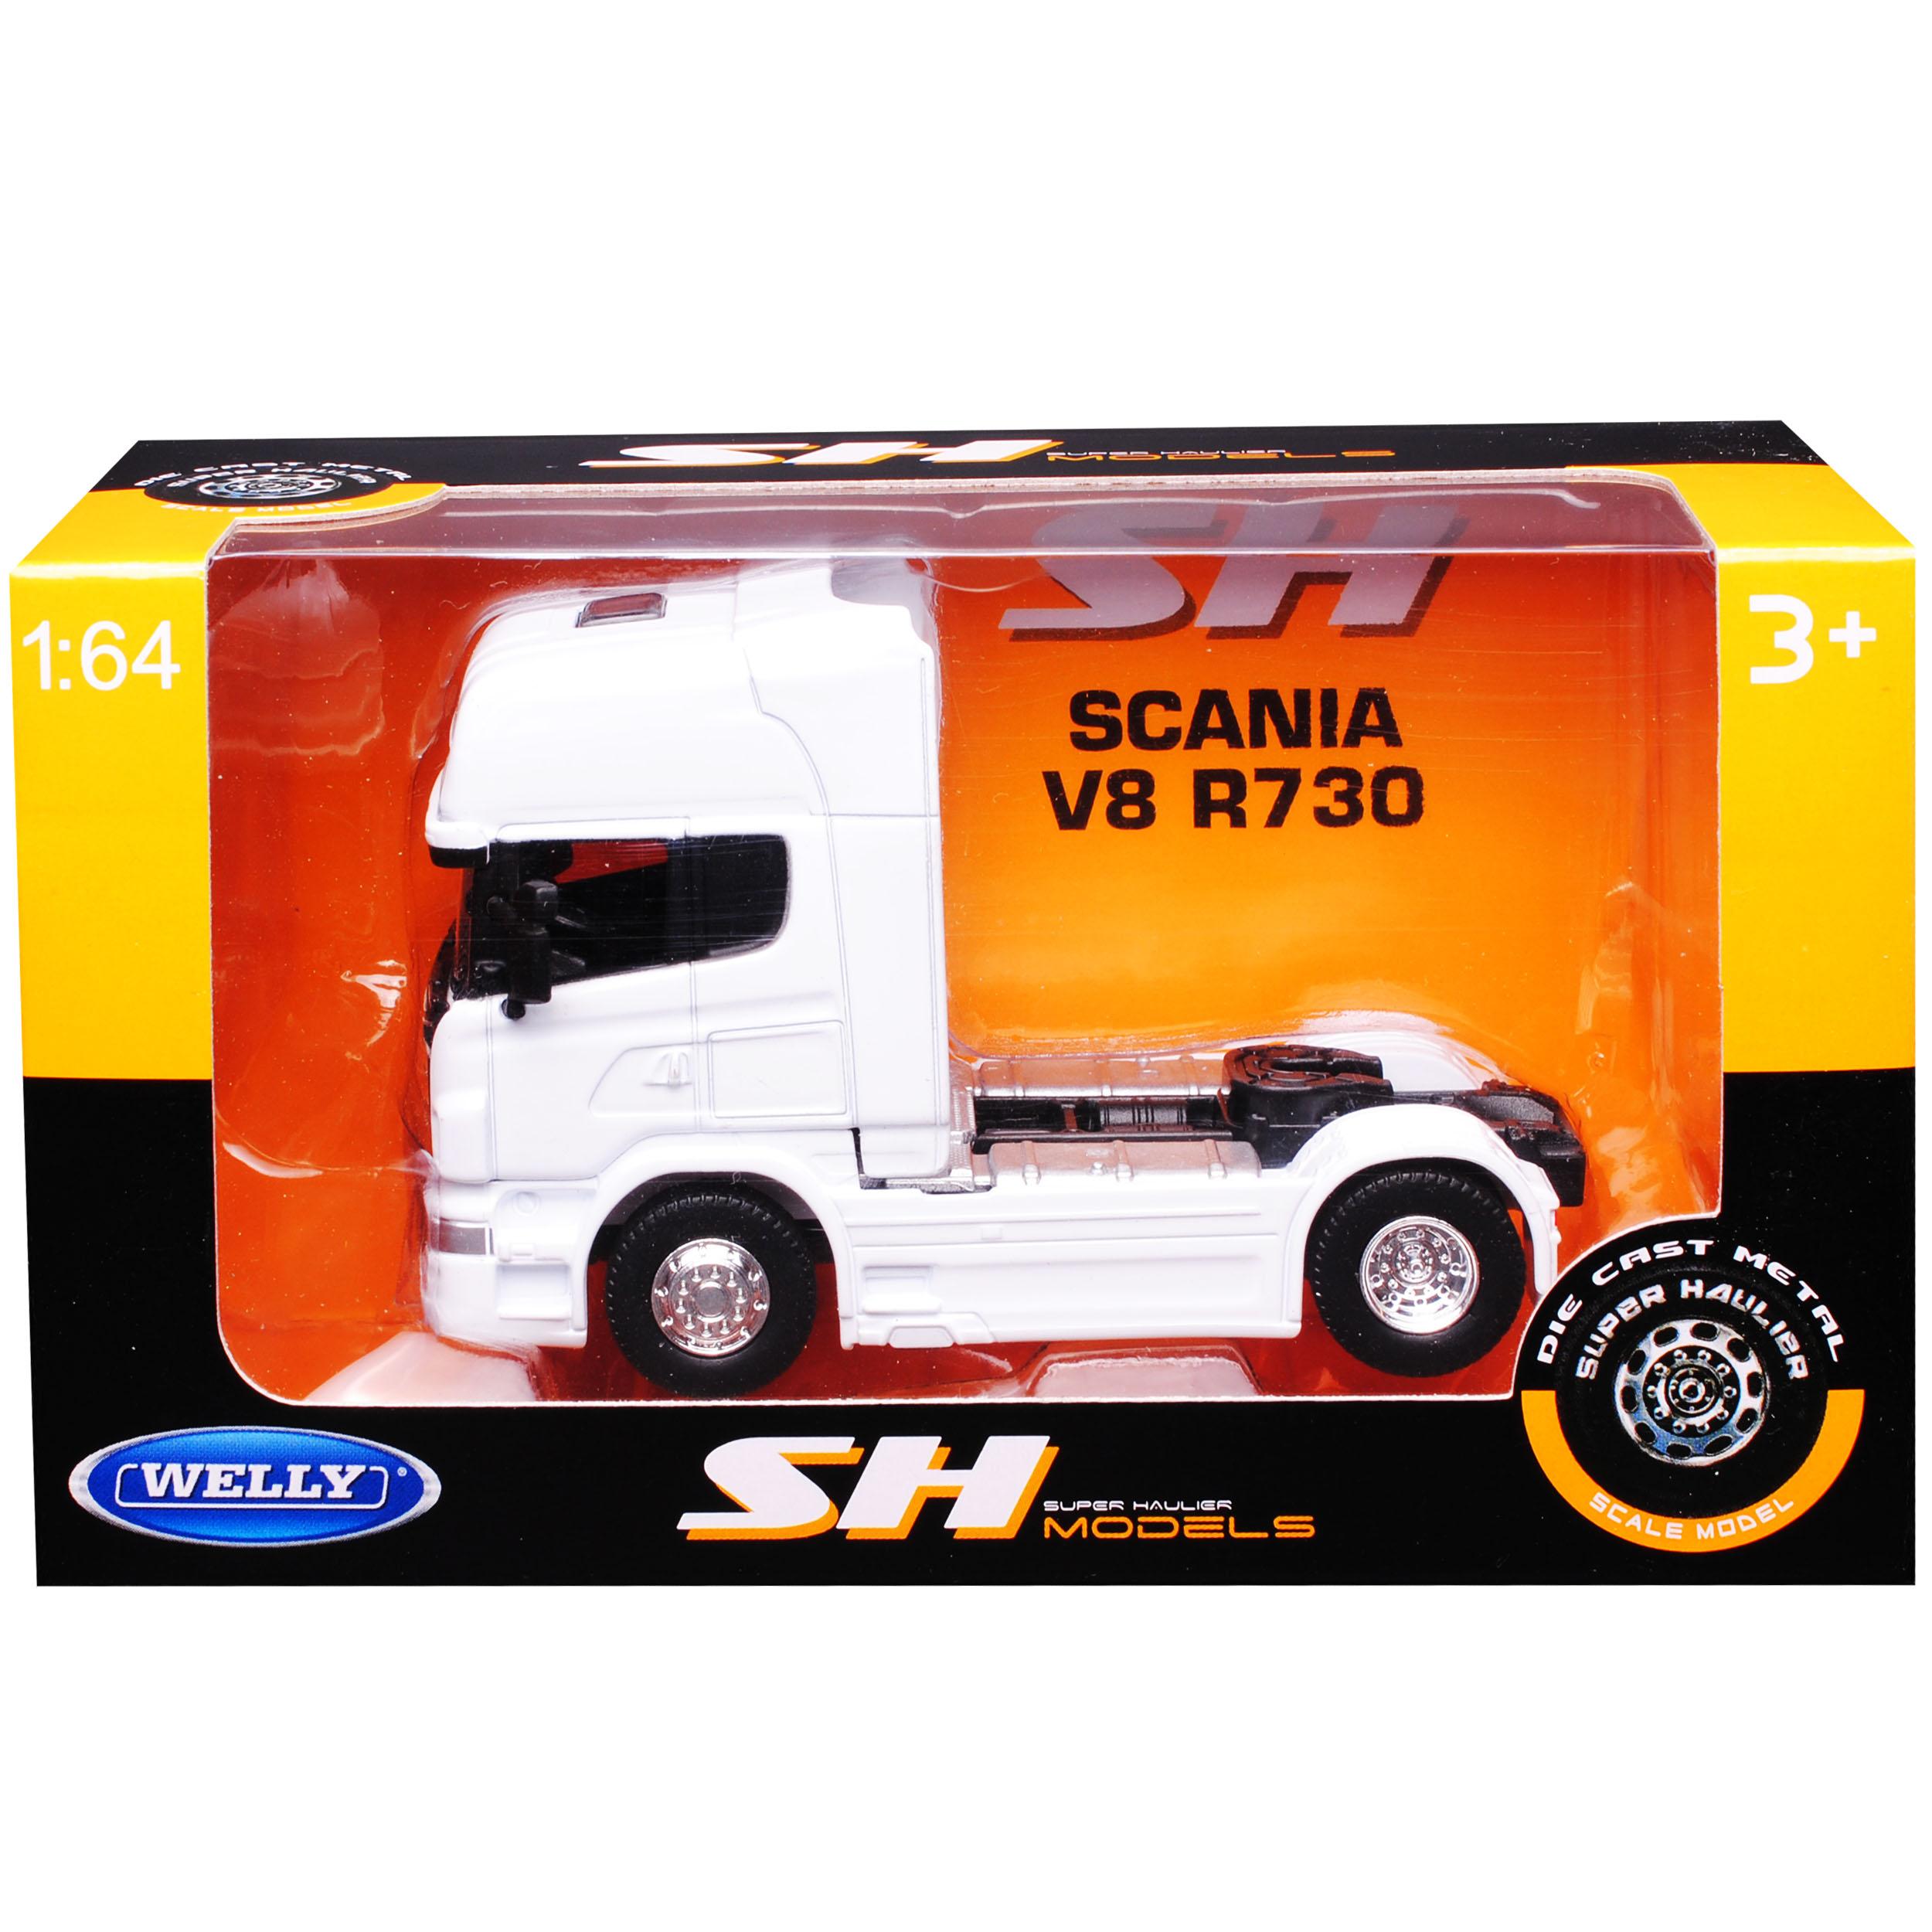 Scania R-serie r730 v8 blanco 2 ejes a partir de 2005 vehículos tractores camiones Truck 1//64 Welly...